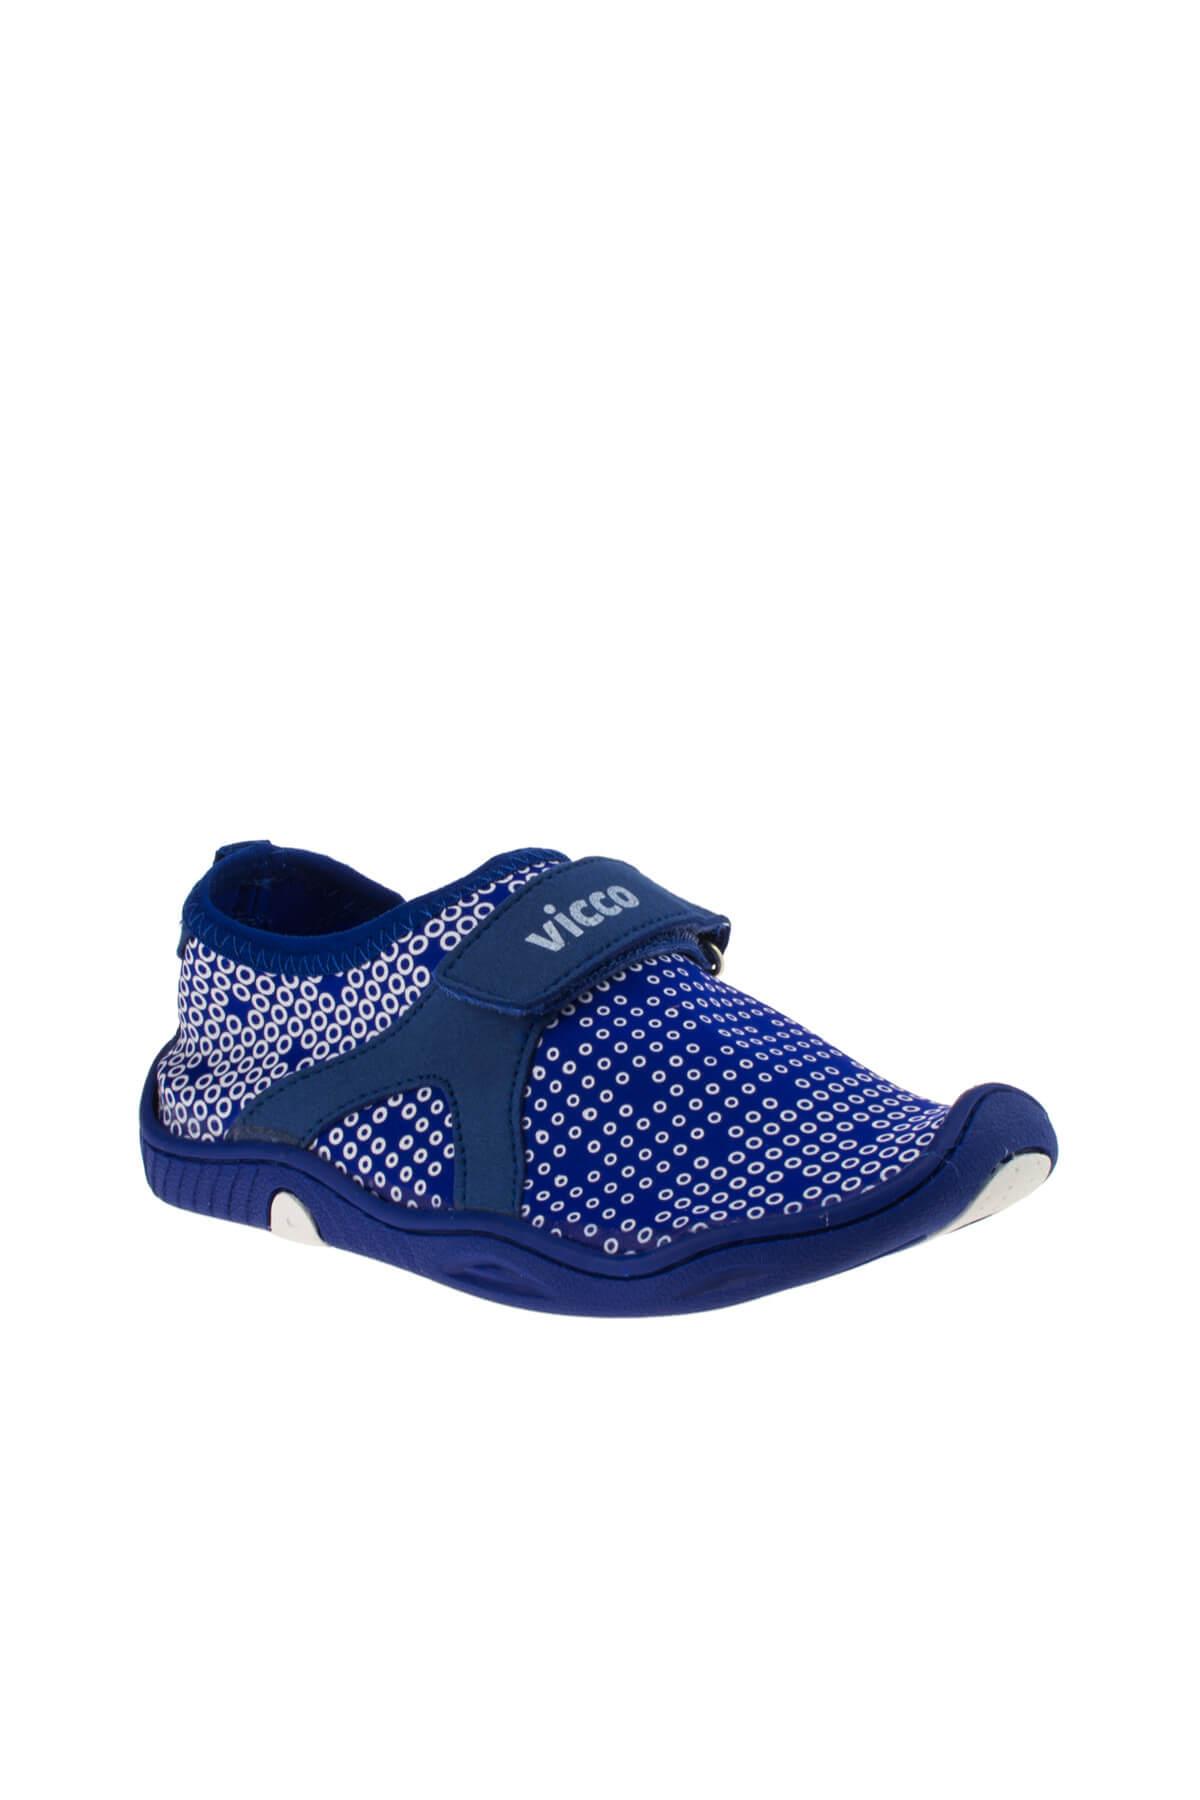 Vicco Saks Mavi Çocuk Ayakkabı 211 224.18Y657F 1